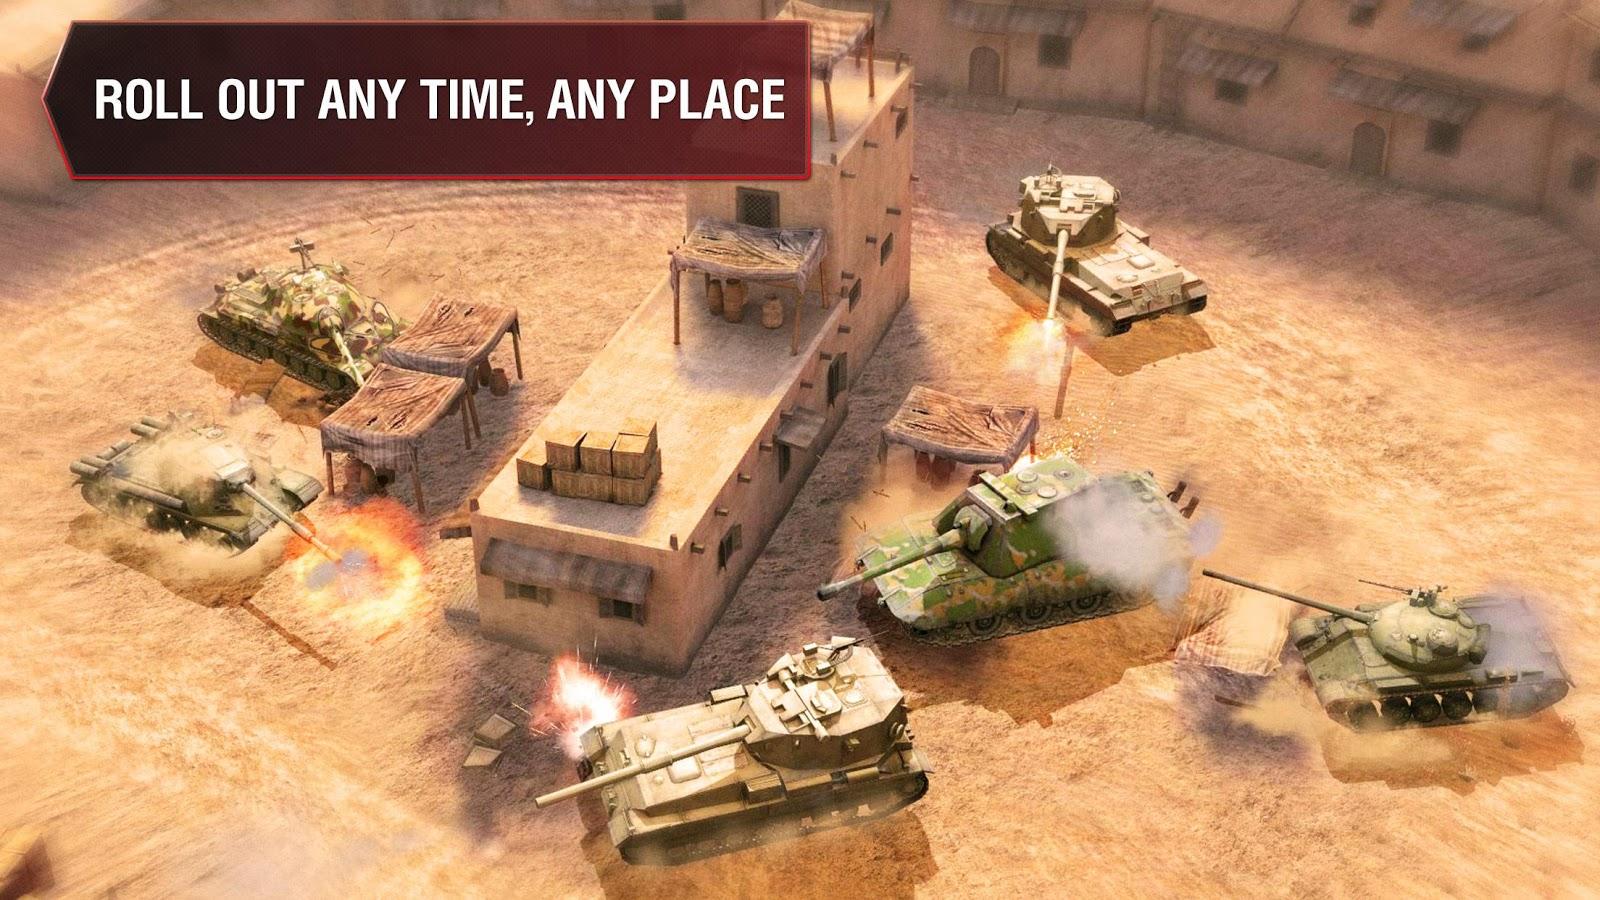 تحميل World of Tanks Blitz 6.10.0.541 APK مهكرة للأندرويد